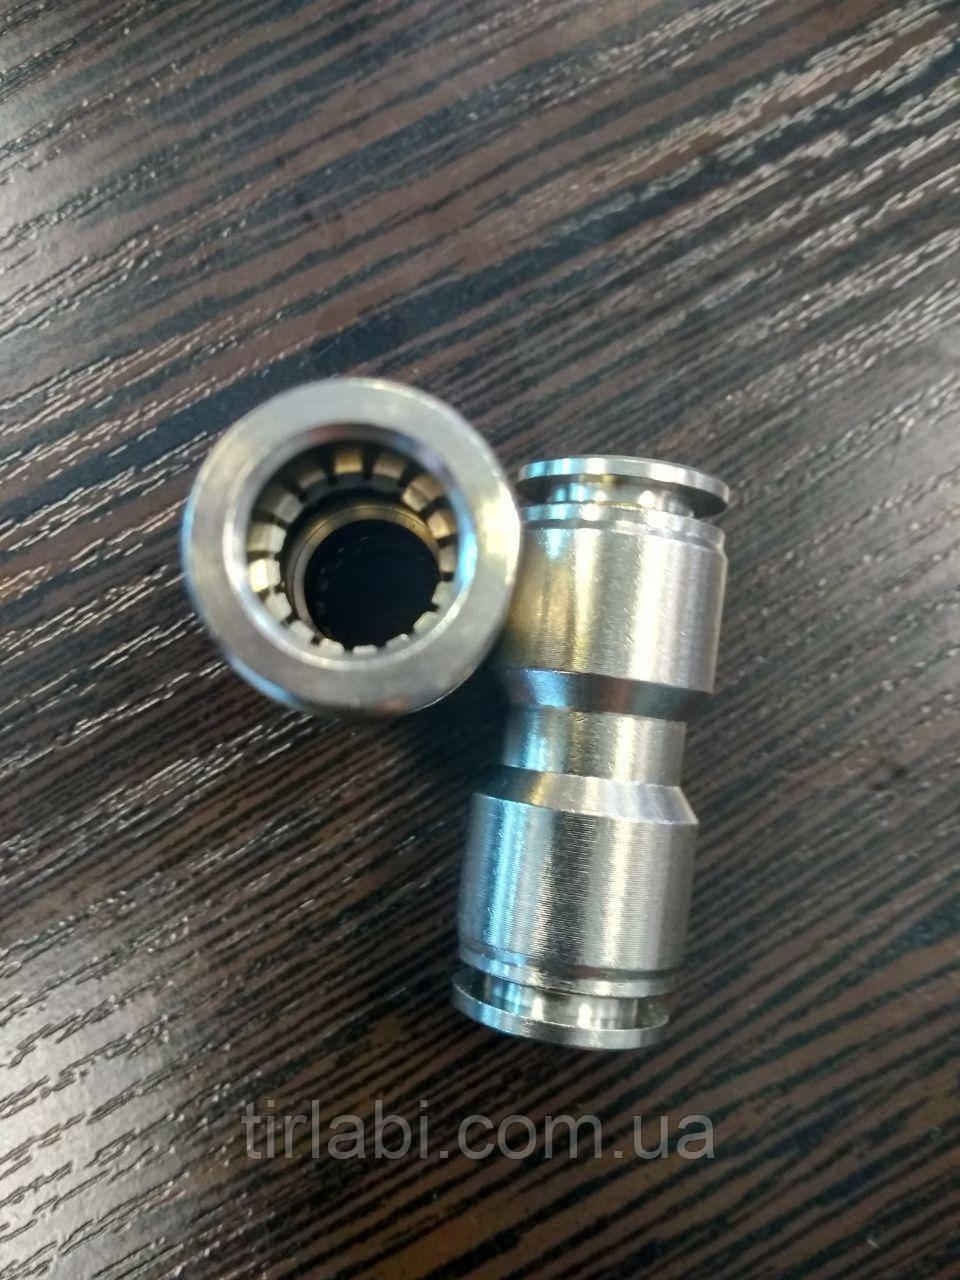 Соединитель трубки ПВХ (метал) d=10мм (25 атмосфер) FI10 аварийный соеденитель фитинг